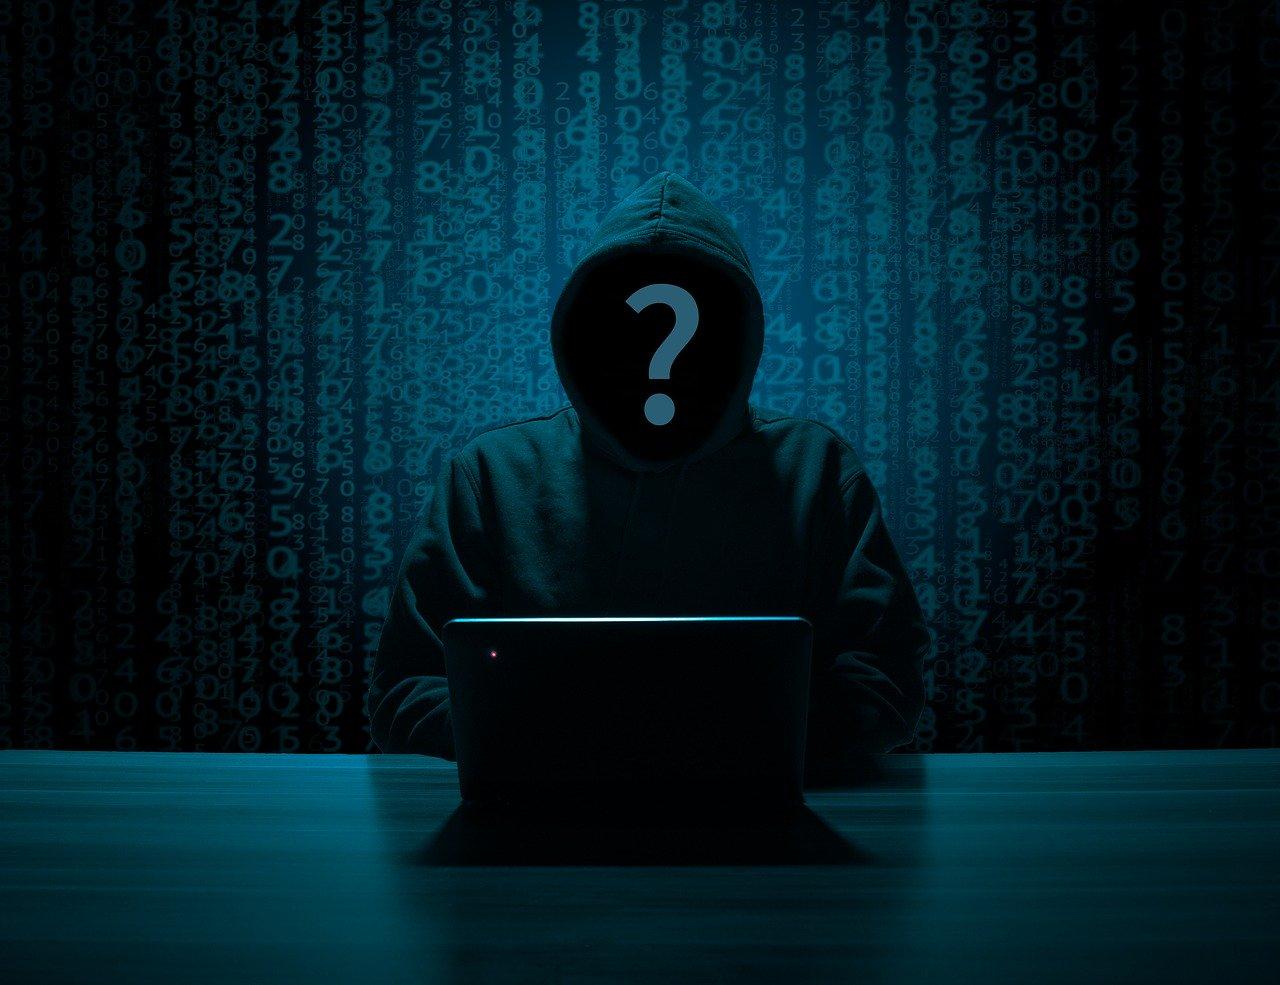 BlockChain Fake and Phishing Emails